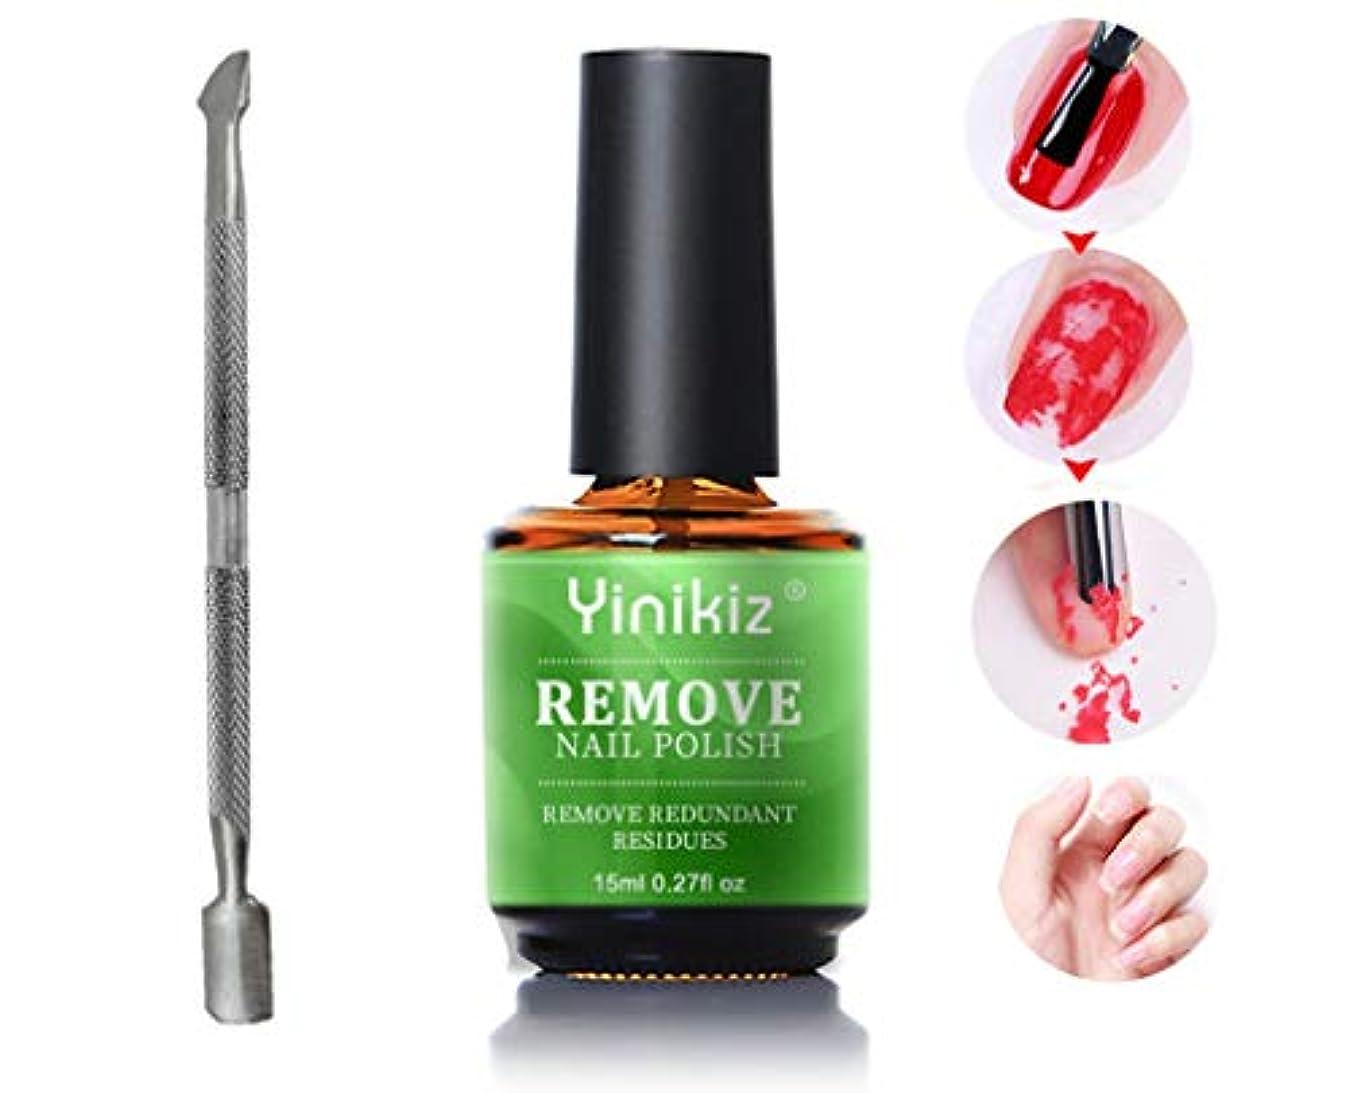 嫌がらせ汚れる刃[Yinikiz] 15ml高速破裂装甲除去剤除去剤は、マニキュアクリーナーを刺激することなくシンプルで便利です (15mlネイルポリッシュ+スモールスチールプッシュ)